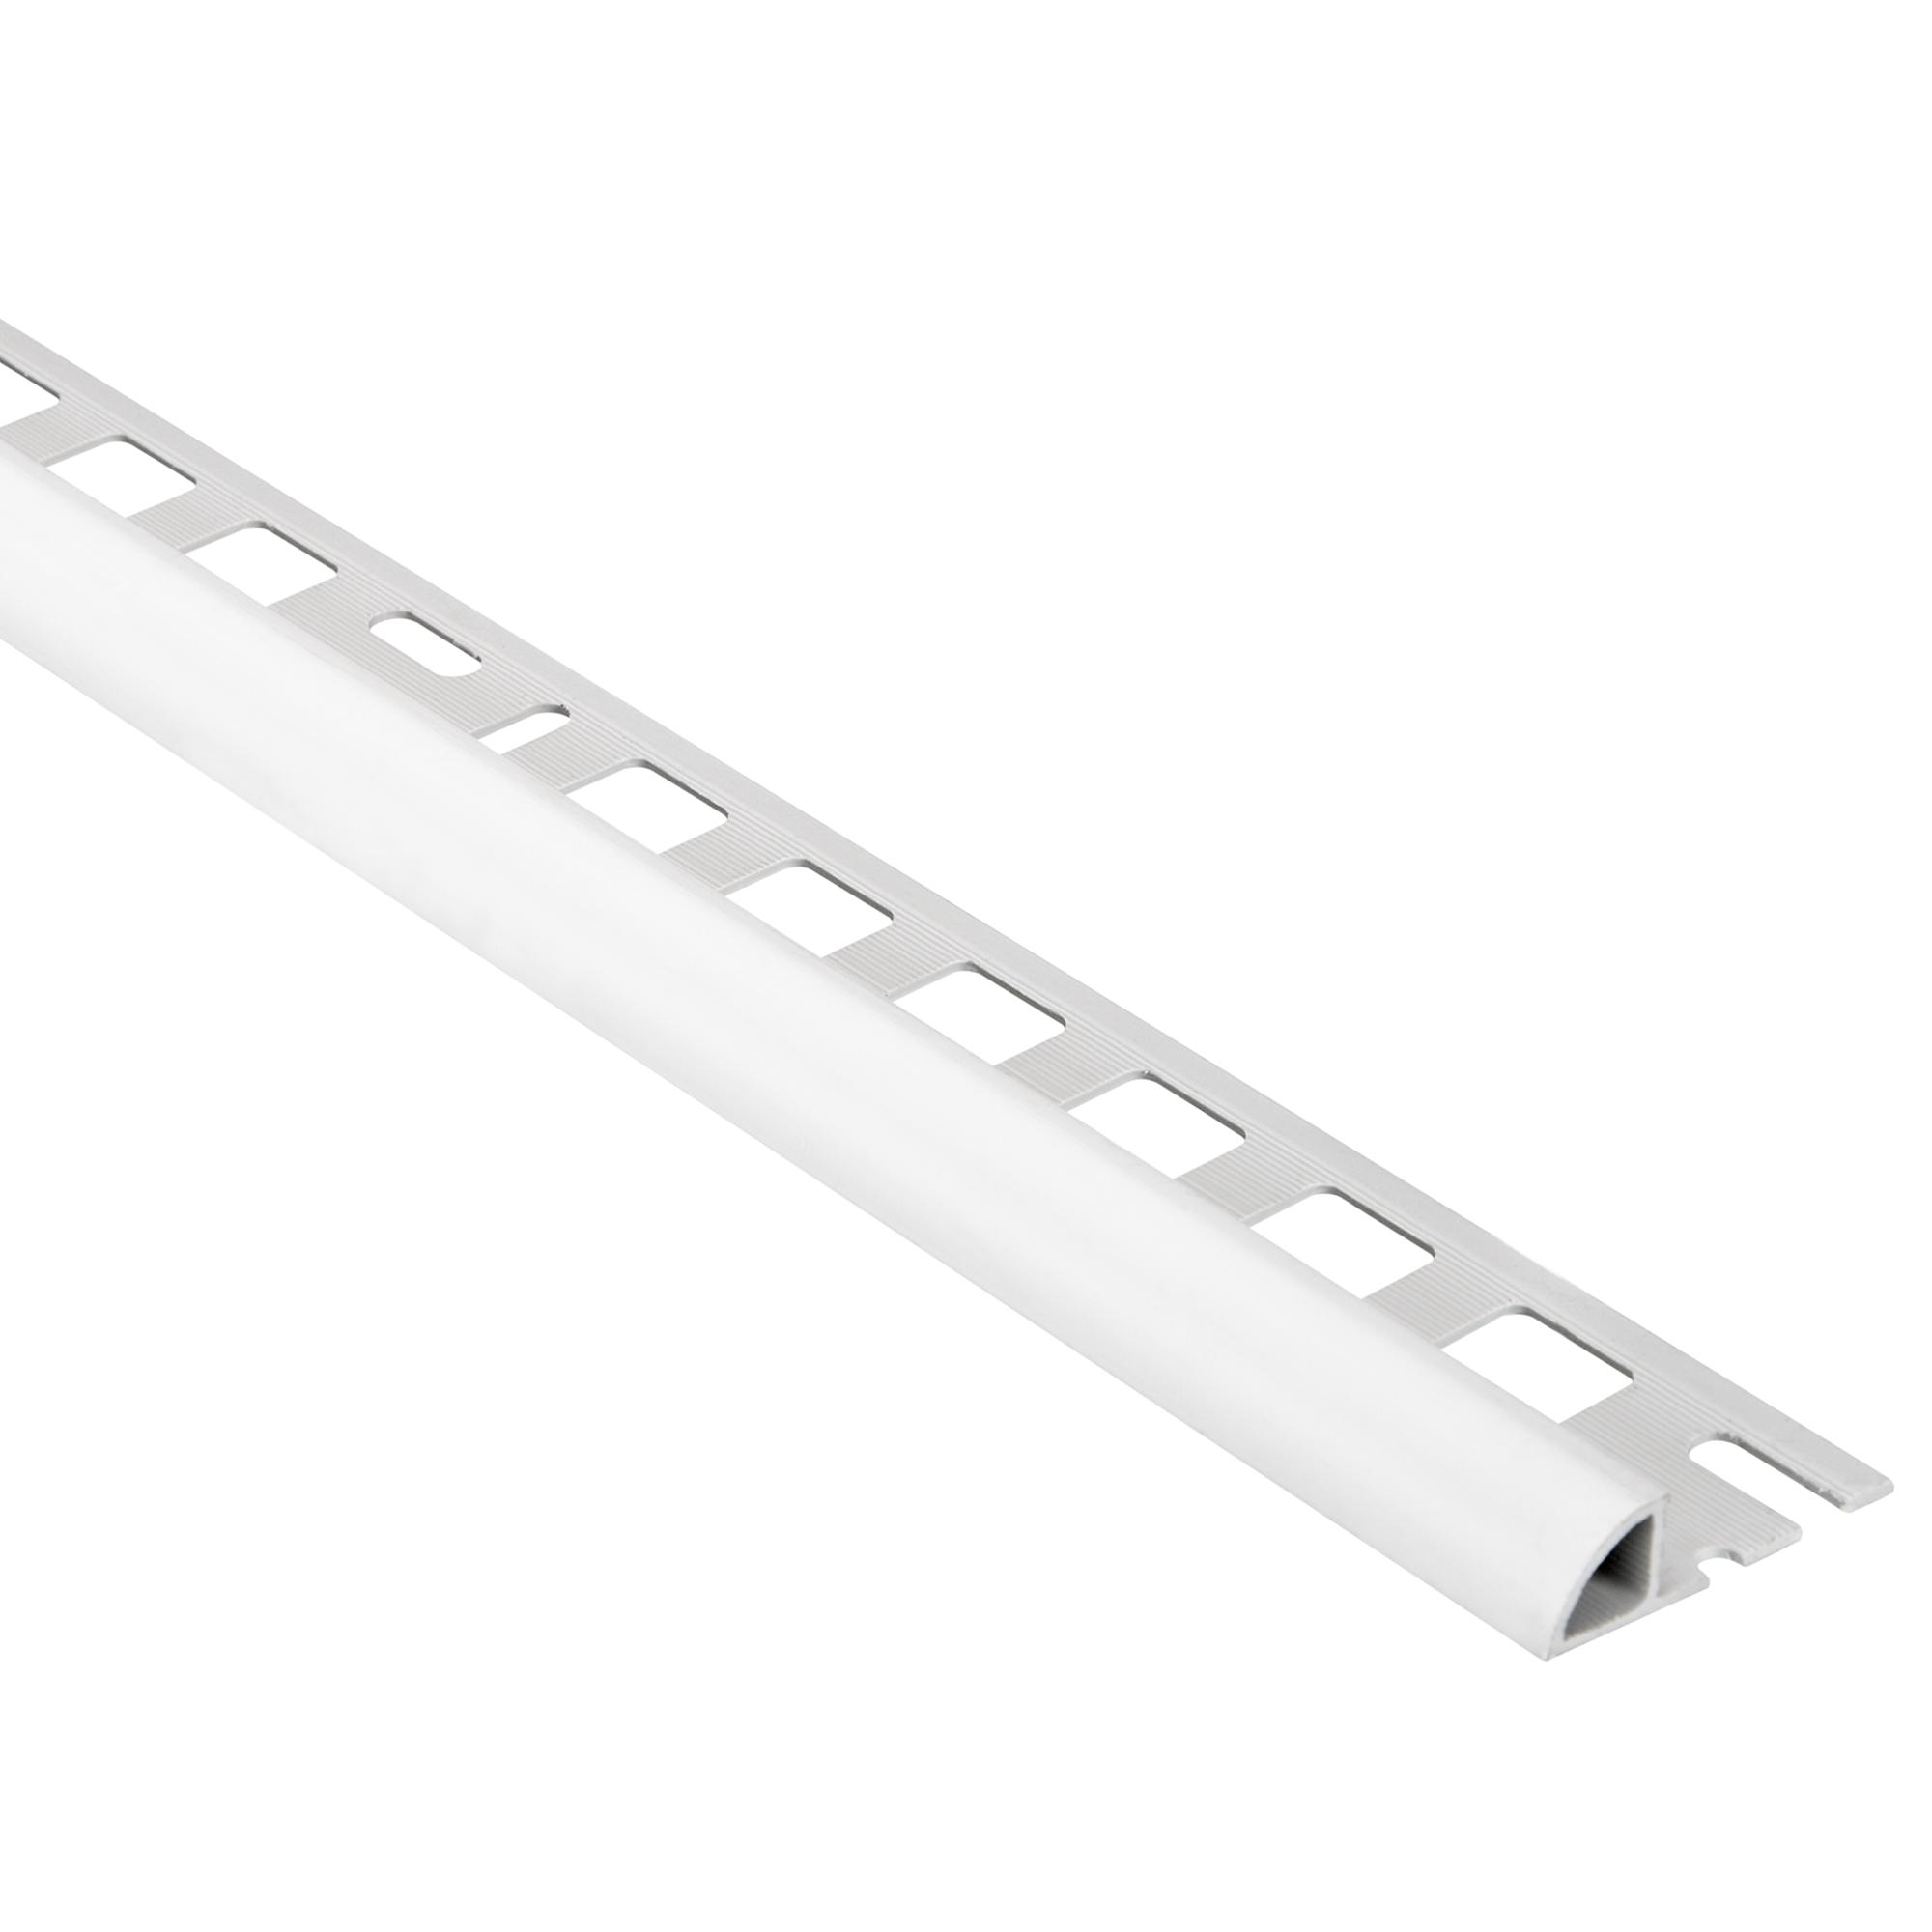 Alfer PVC Viertelkreisprofil silber 8 x 8,8 x 8 mm